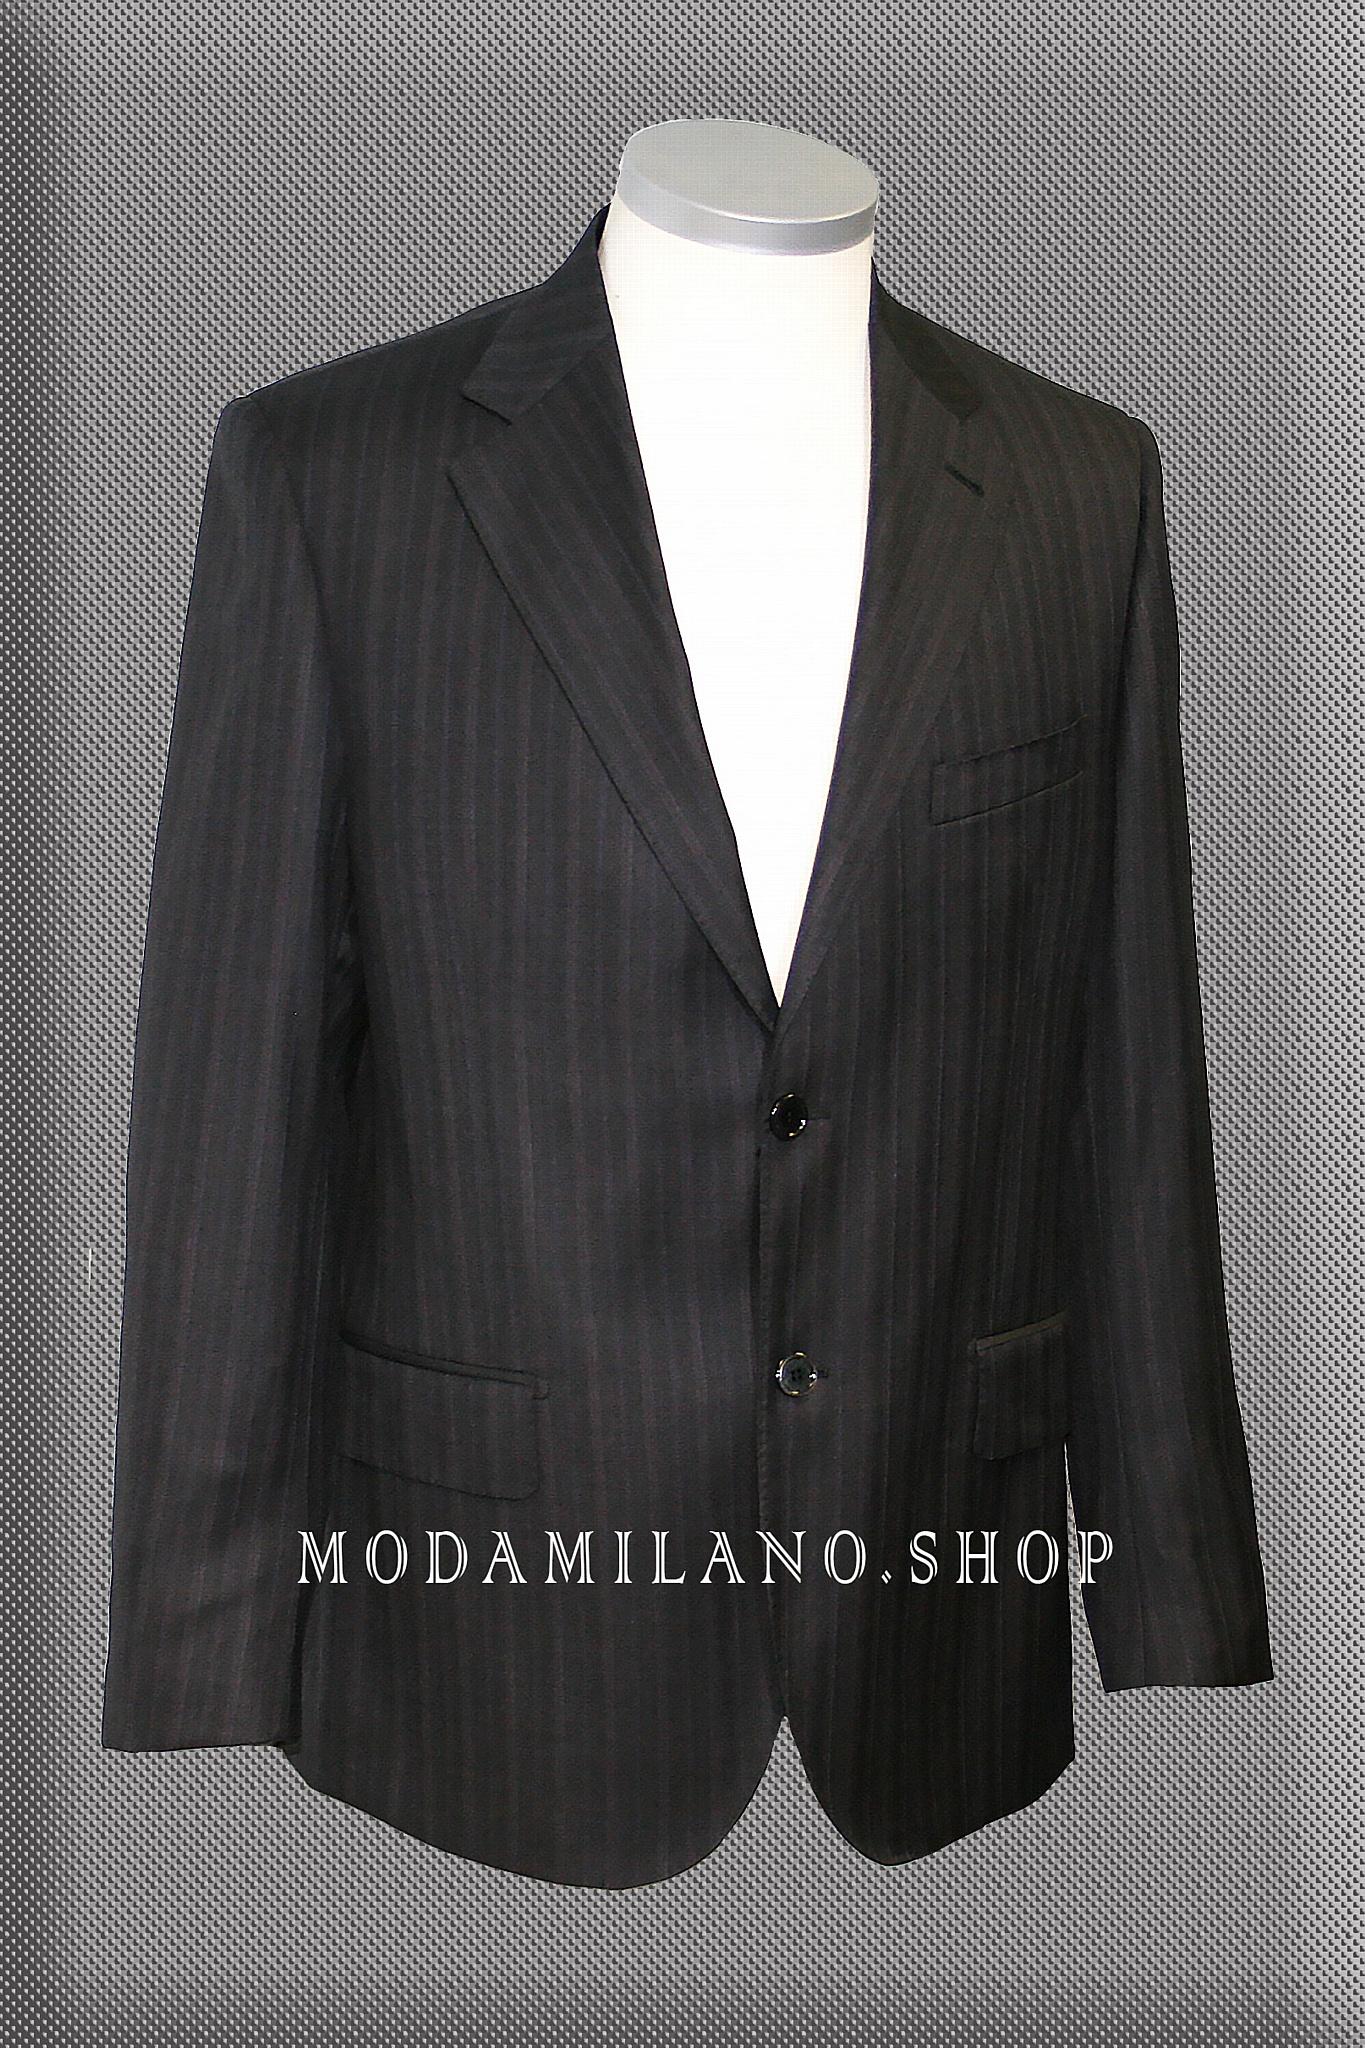 Пиджаки мужские разные модели. Производитель: Sartore, материал Loro Piana, Zegna, Vitale Barberis Canonico шерсть, кашемир.